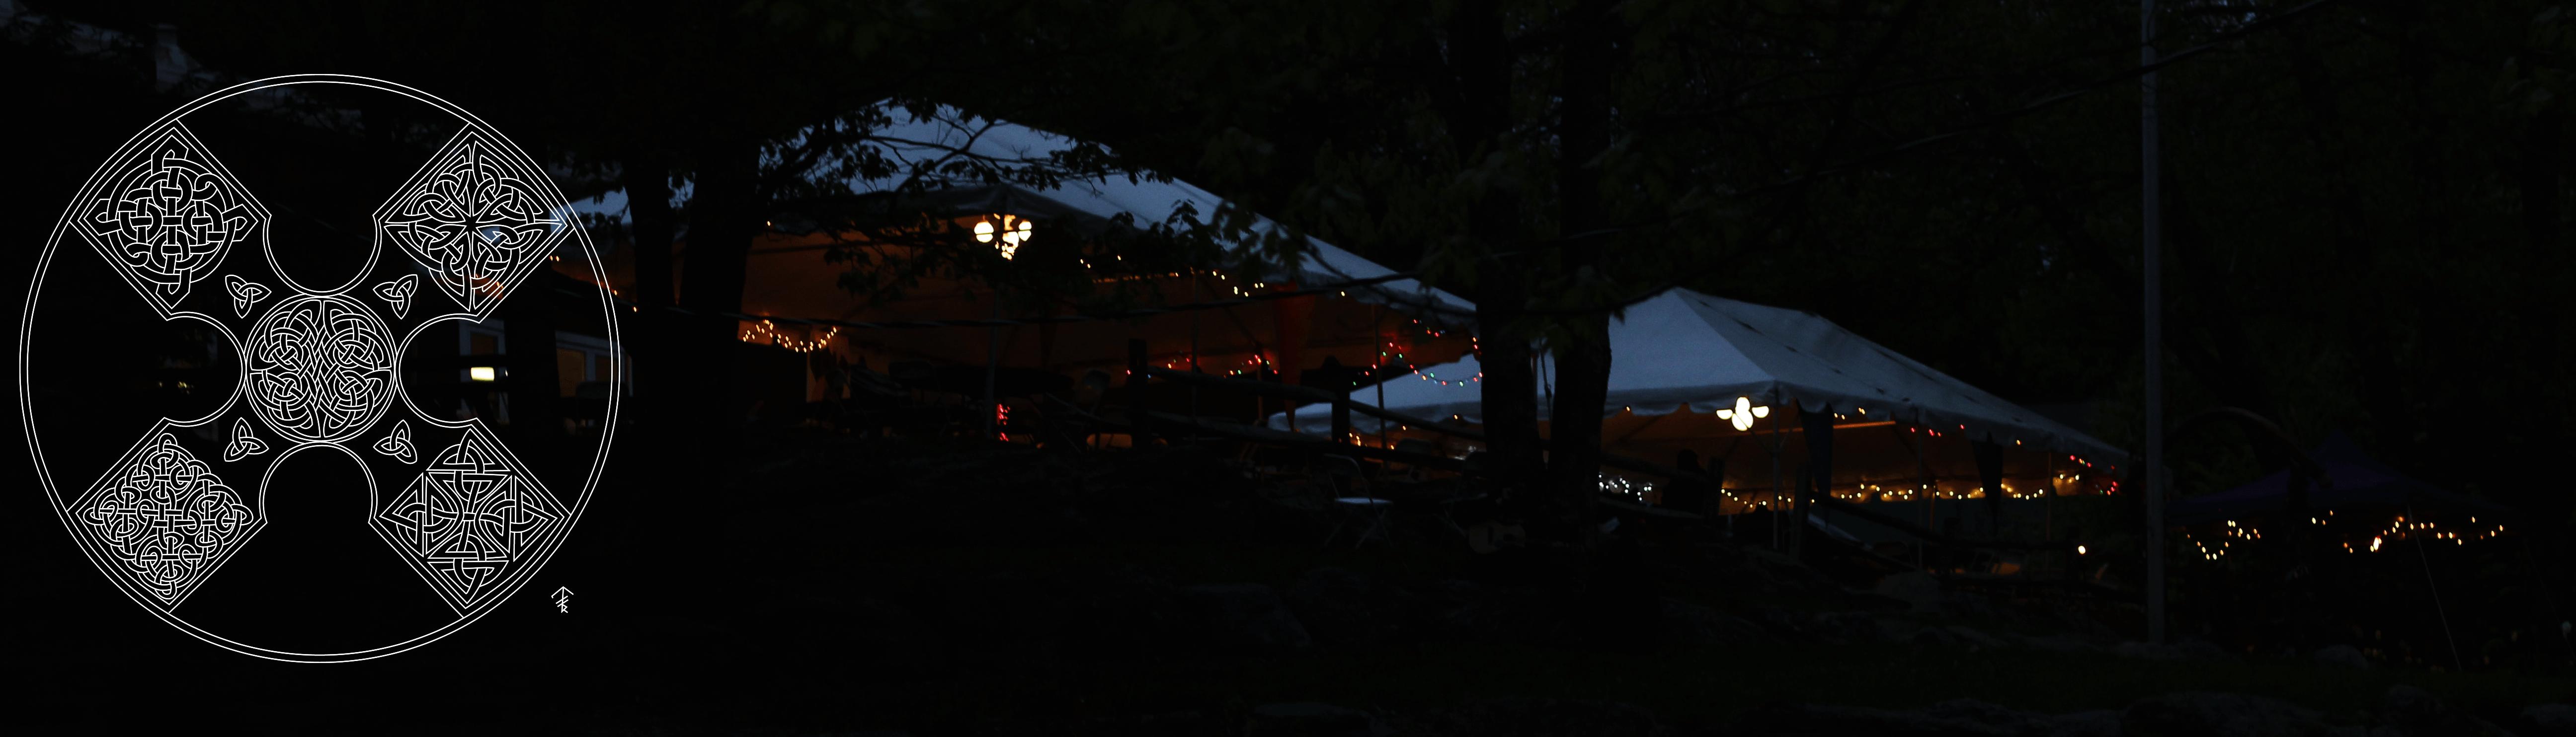 EarthSpirit Rites of Spring at Night